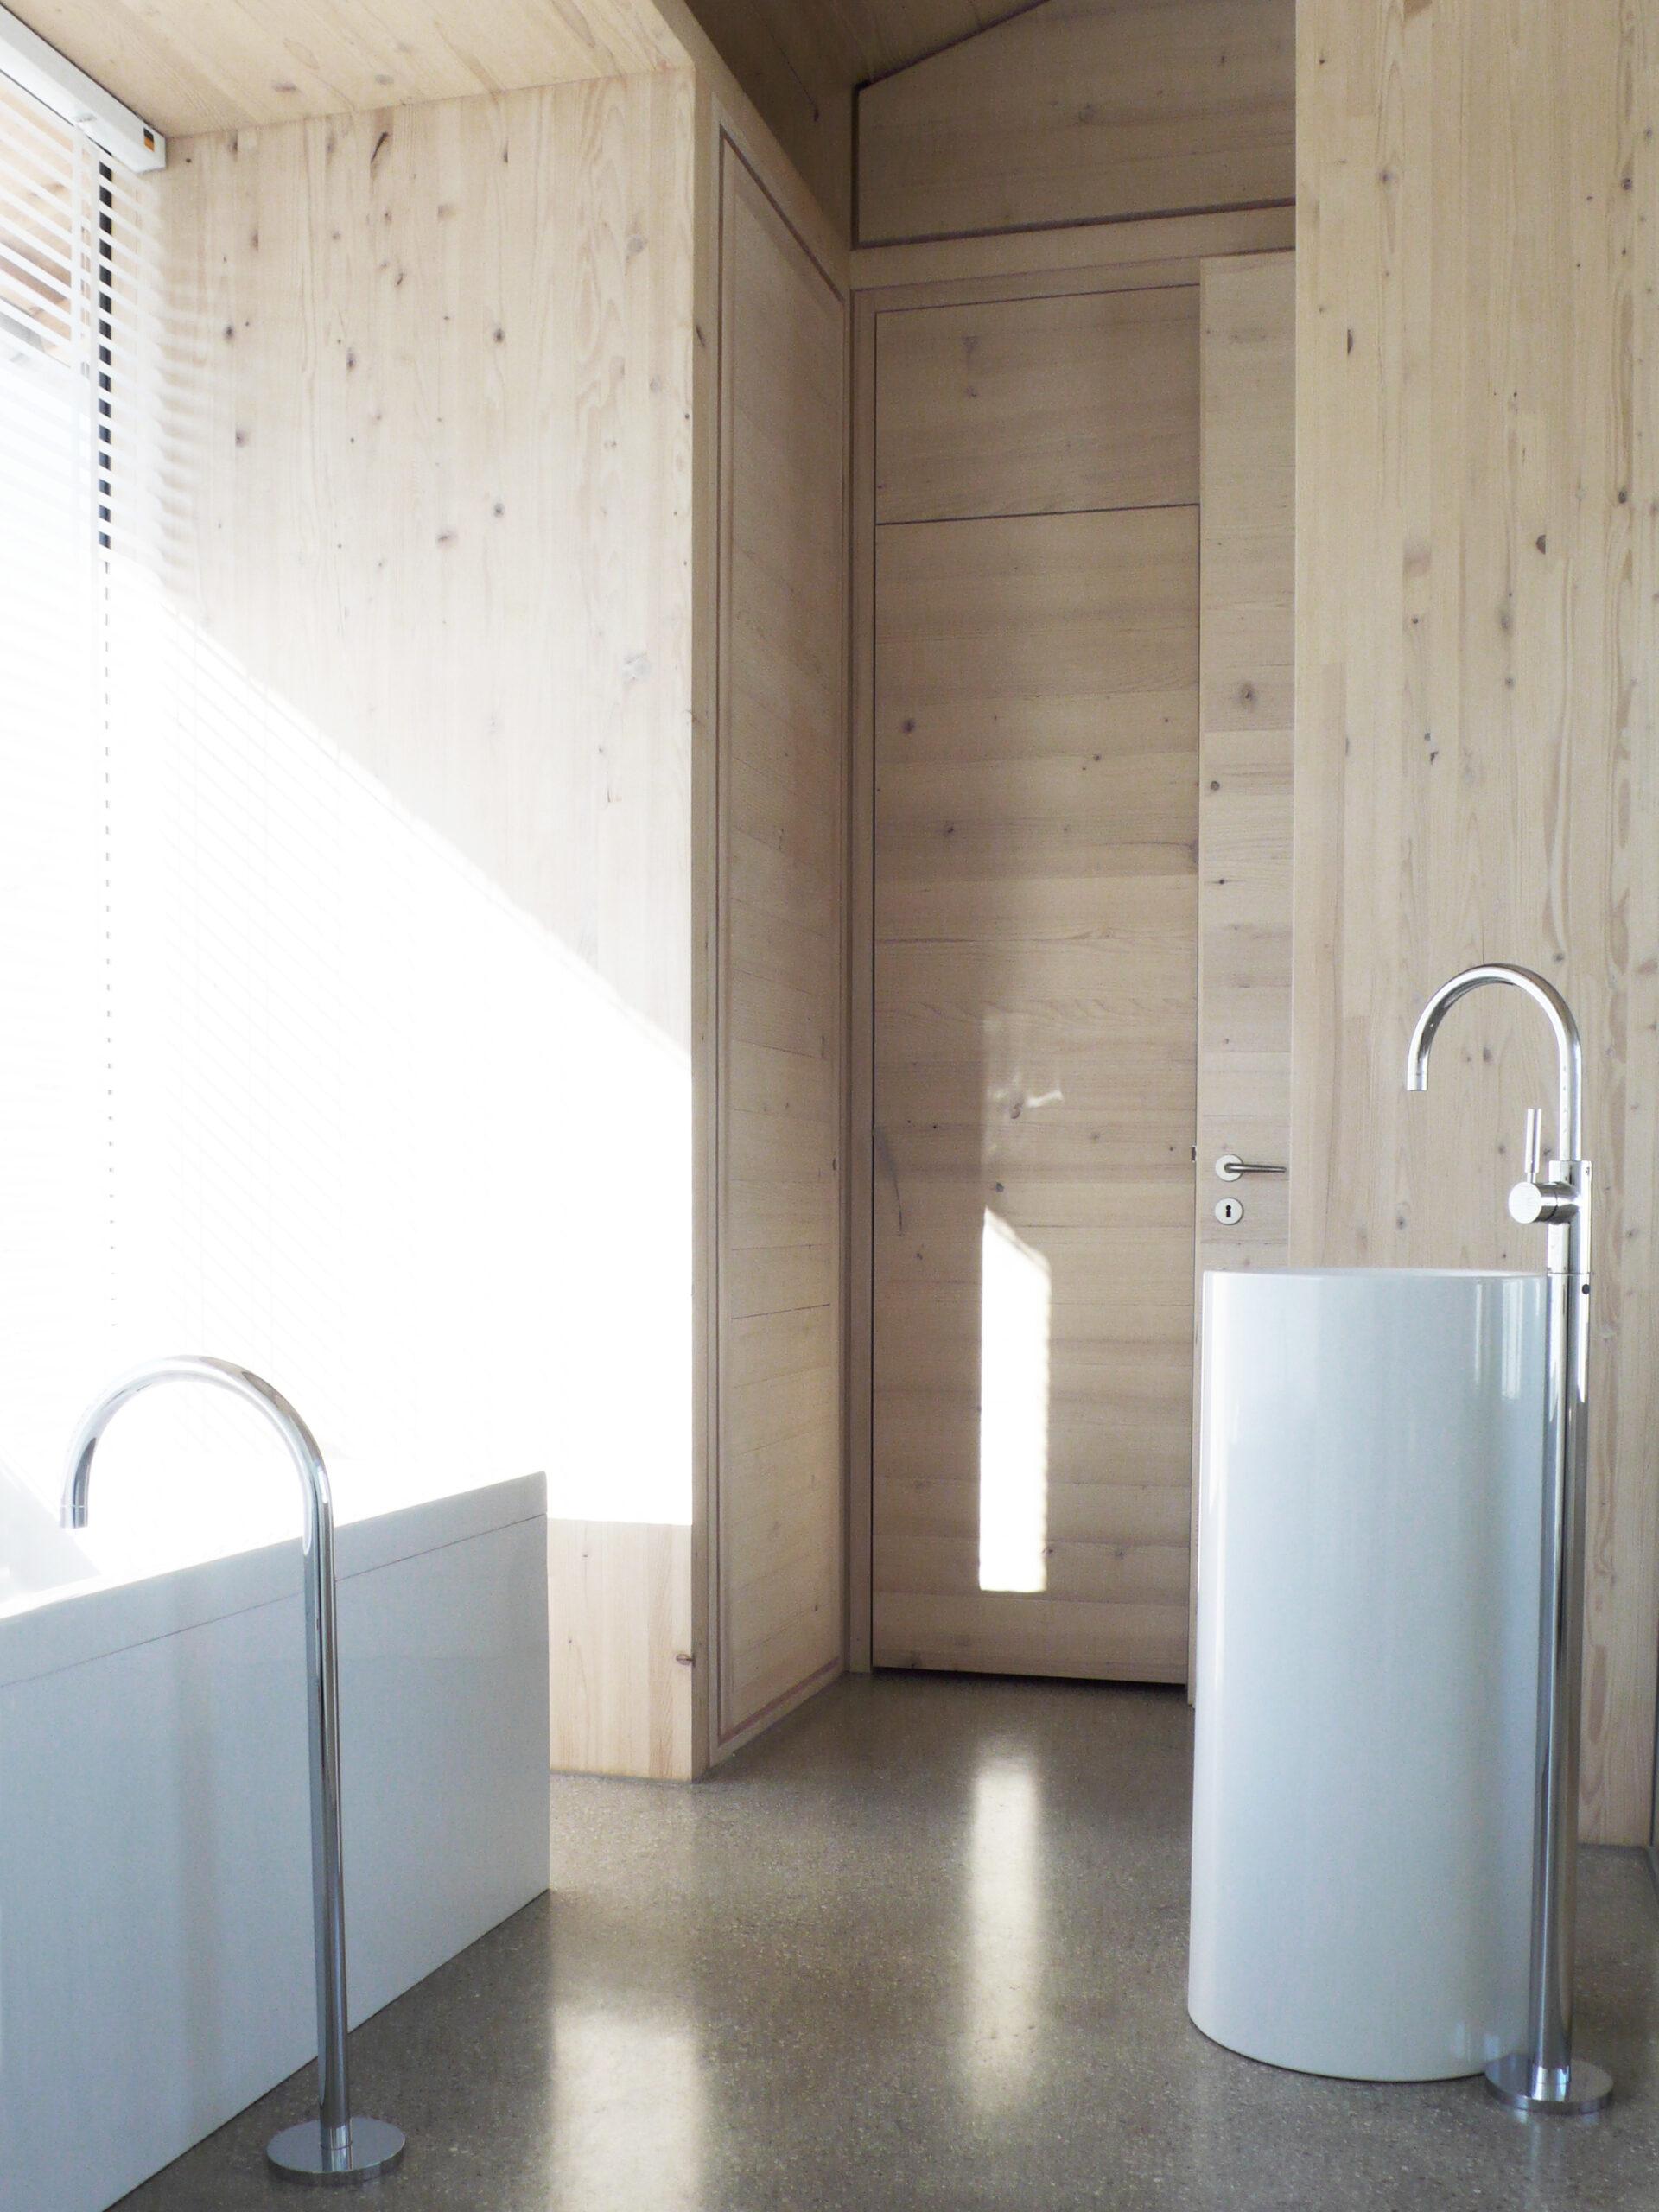 Michael-Becker-Architects-Architekten-haus-kr-02